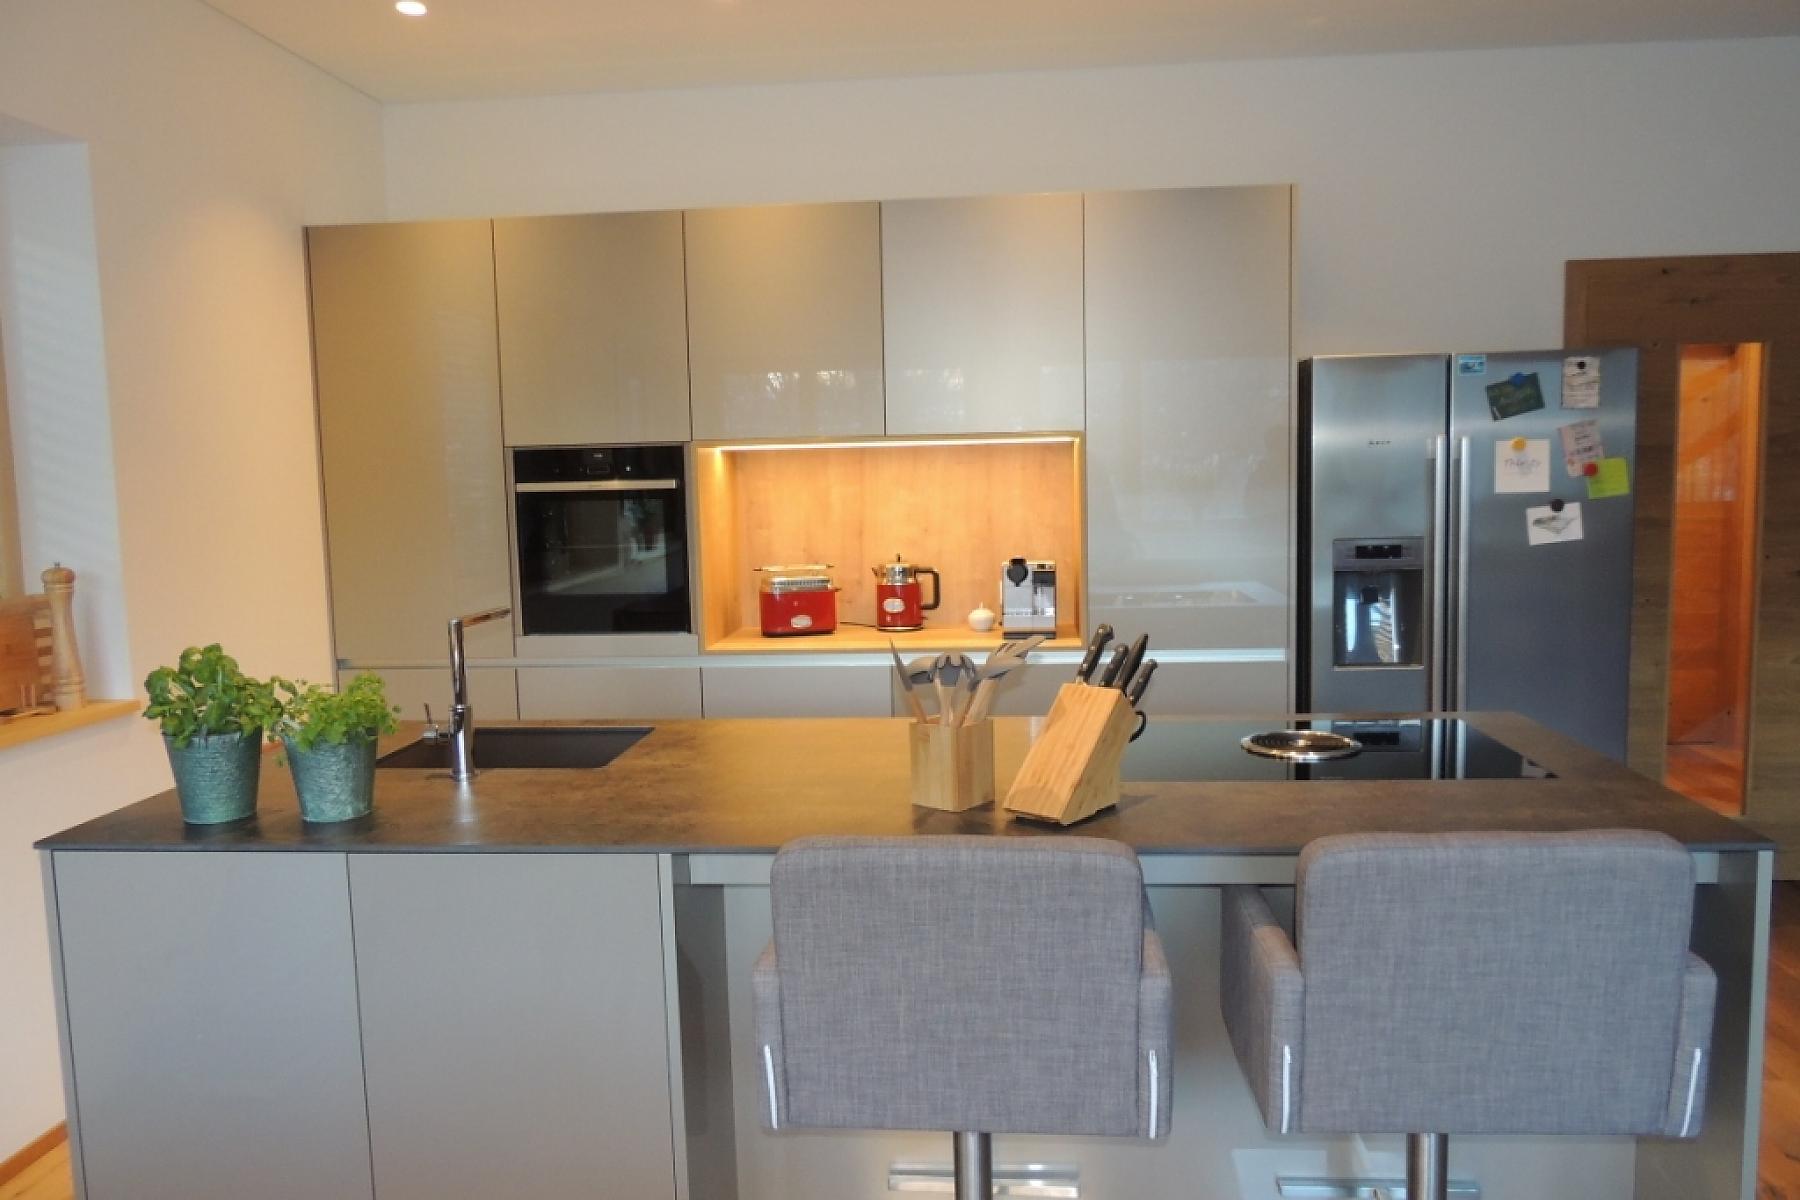 Fein Küche Renovieren Budget Tool Bilder - Ideen Für Die Küche ...